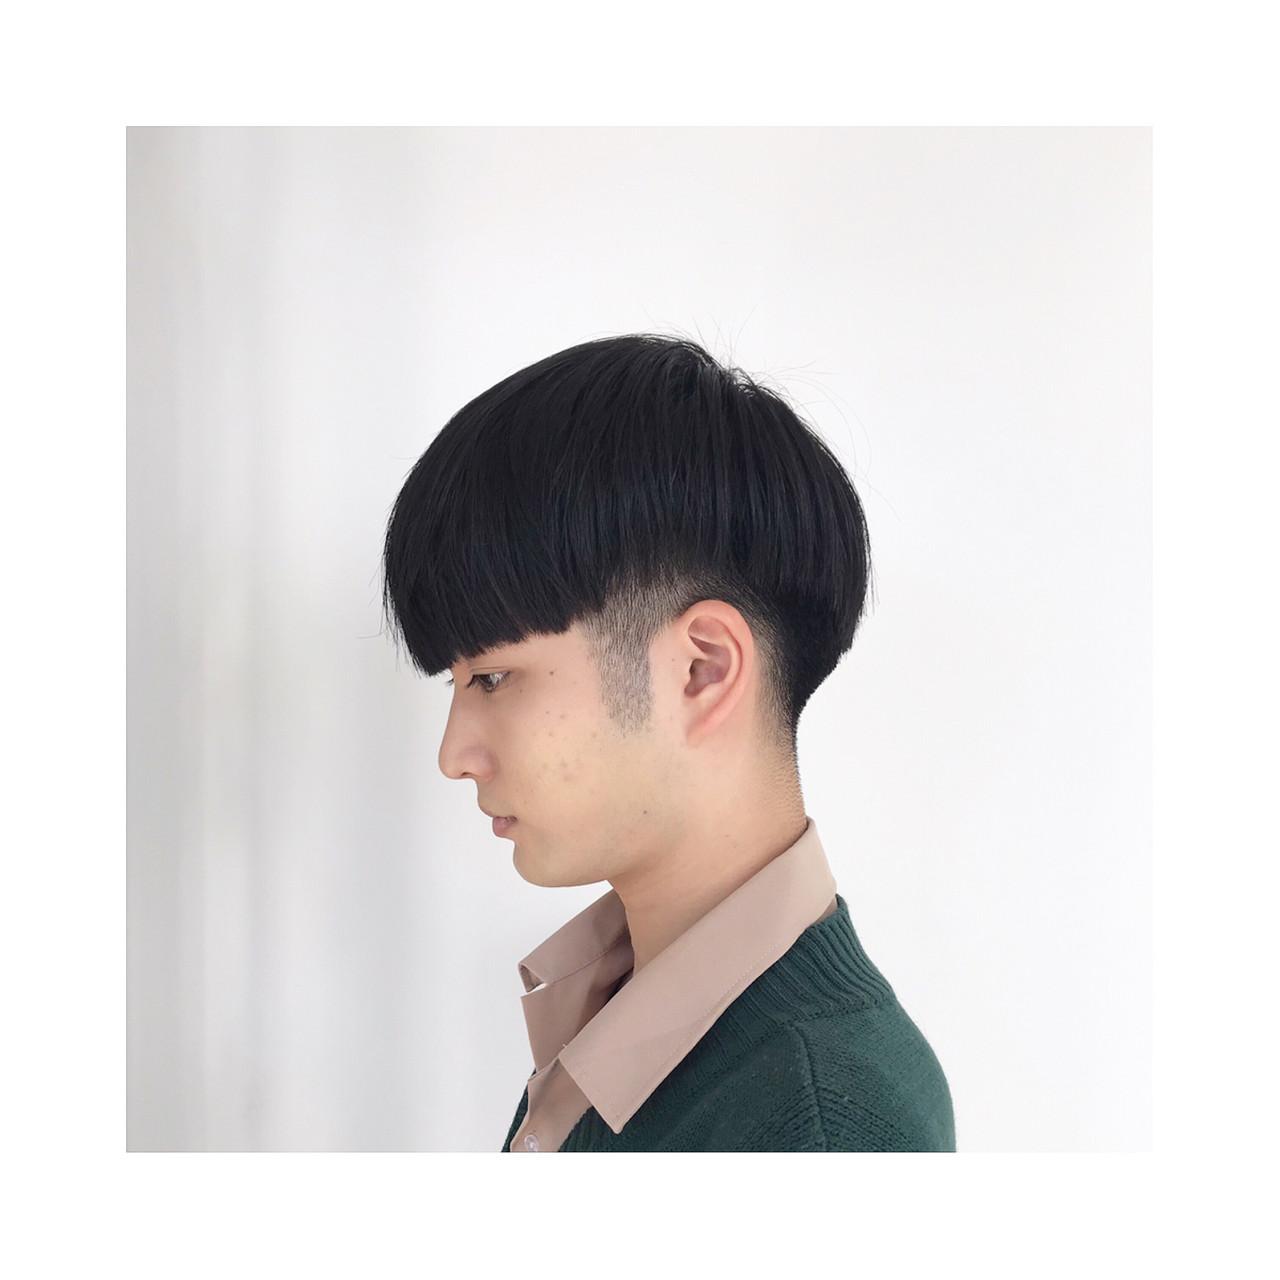 ショート 韓国ヘア メンズマッシュ メンズカット ヘアスタイルや髪型の写真・画像